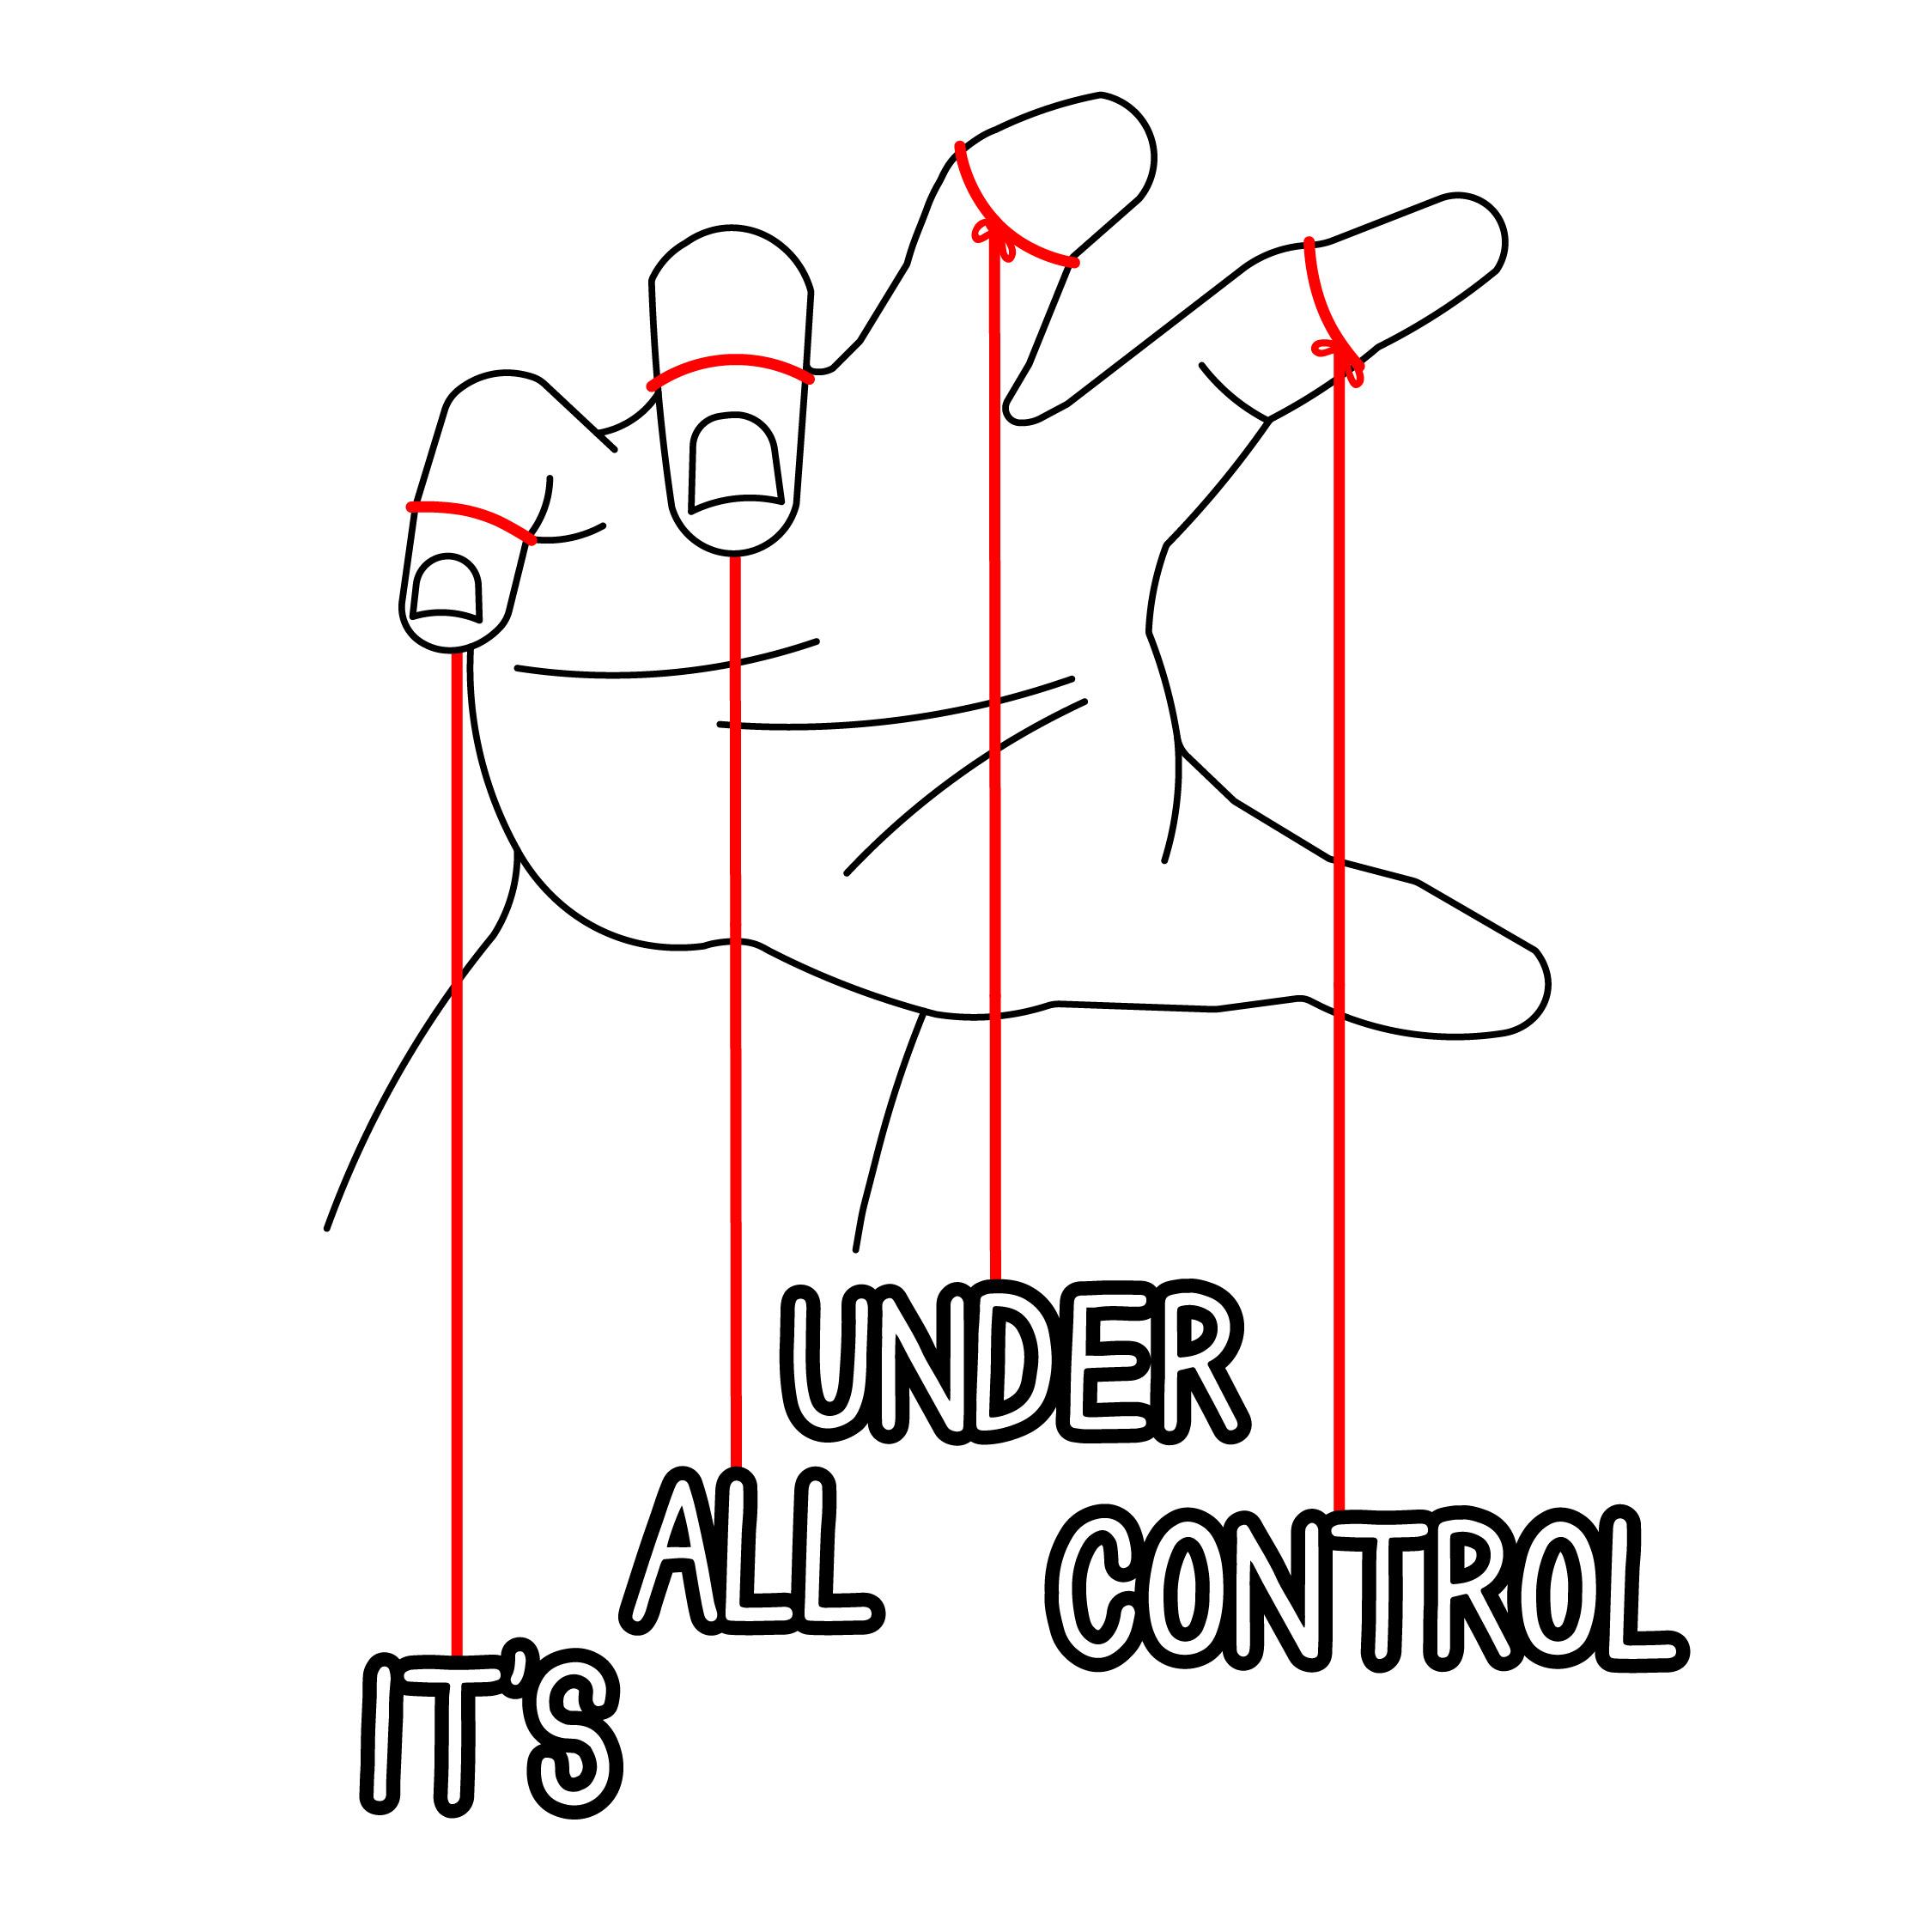 allundercontrol-01.jpg